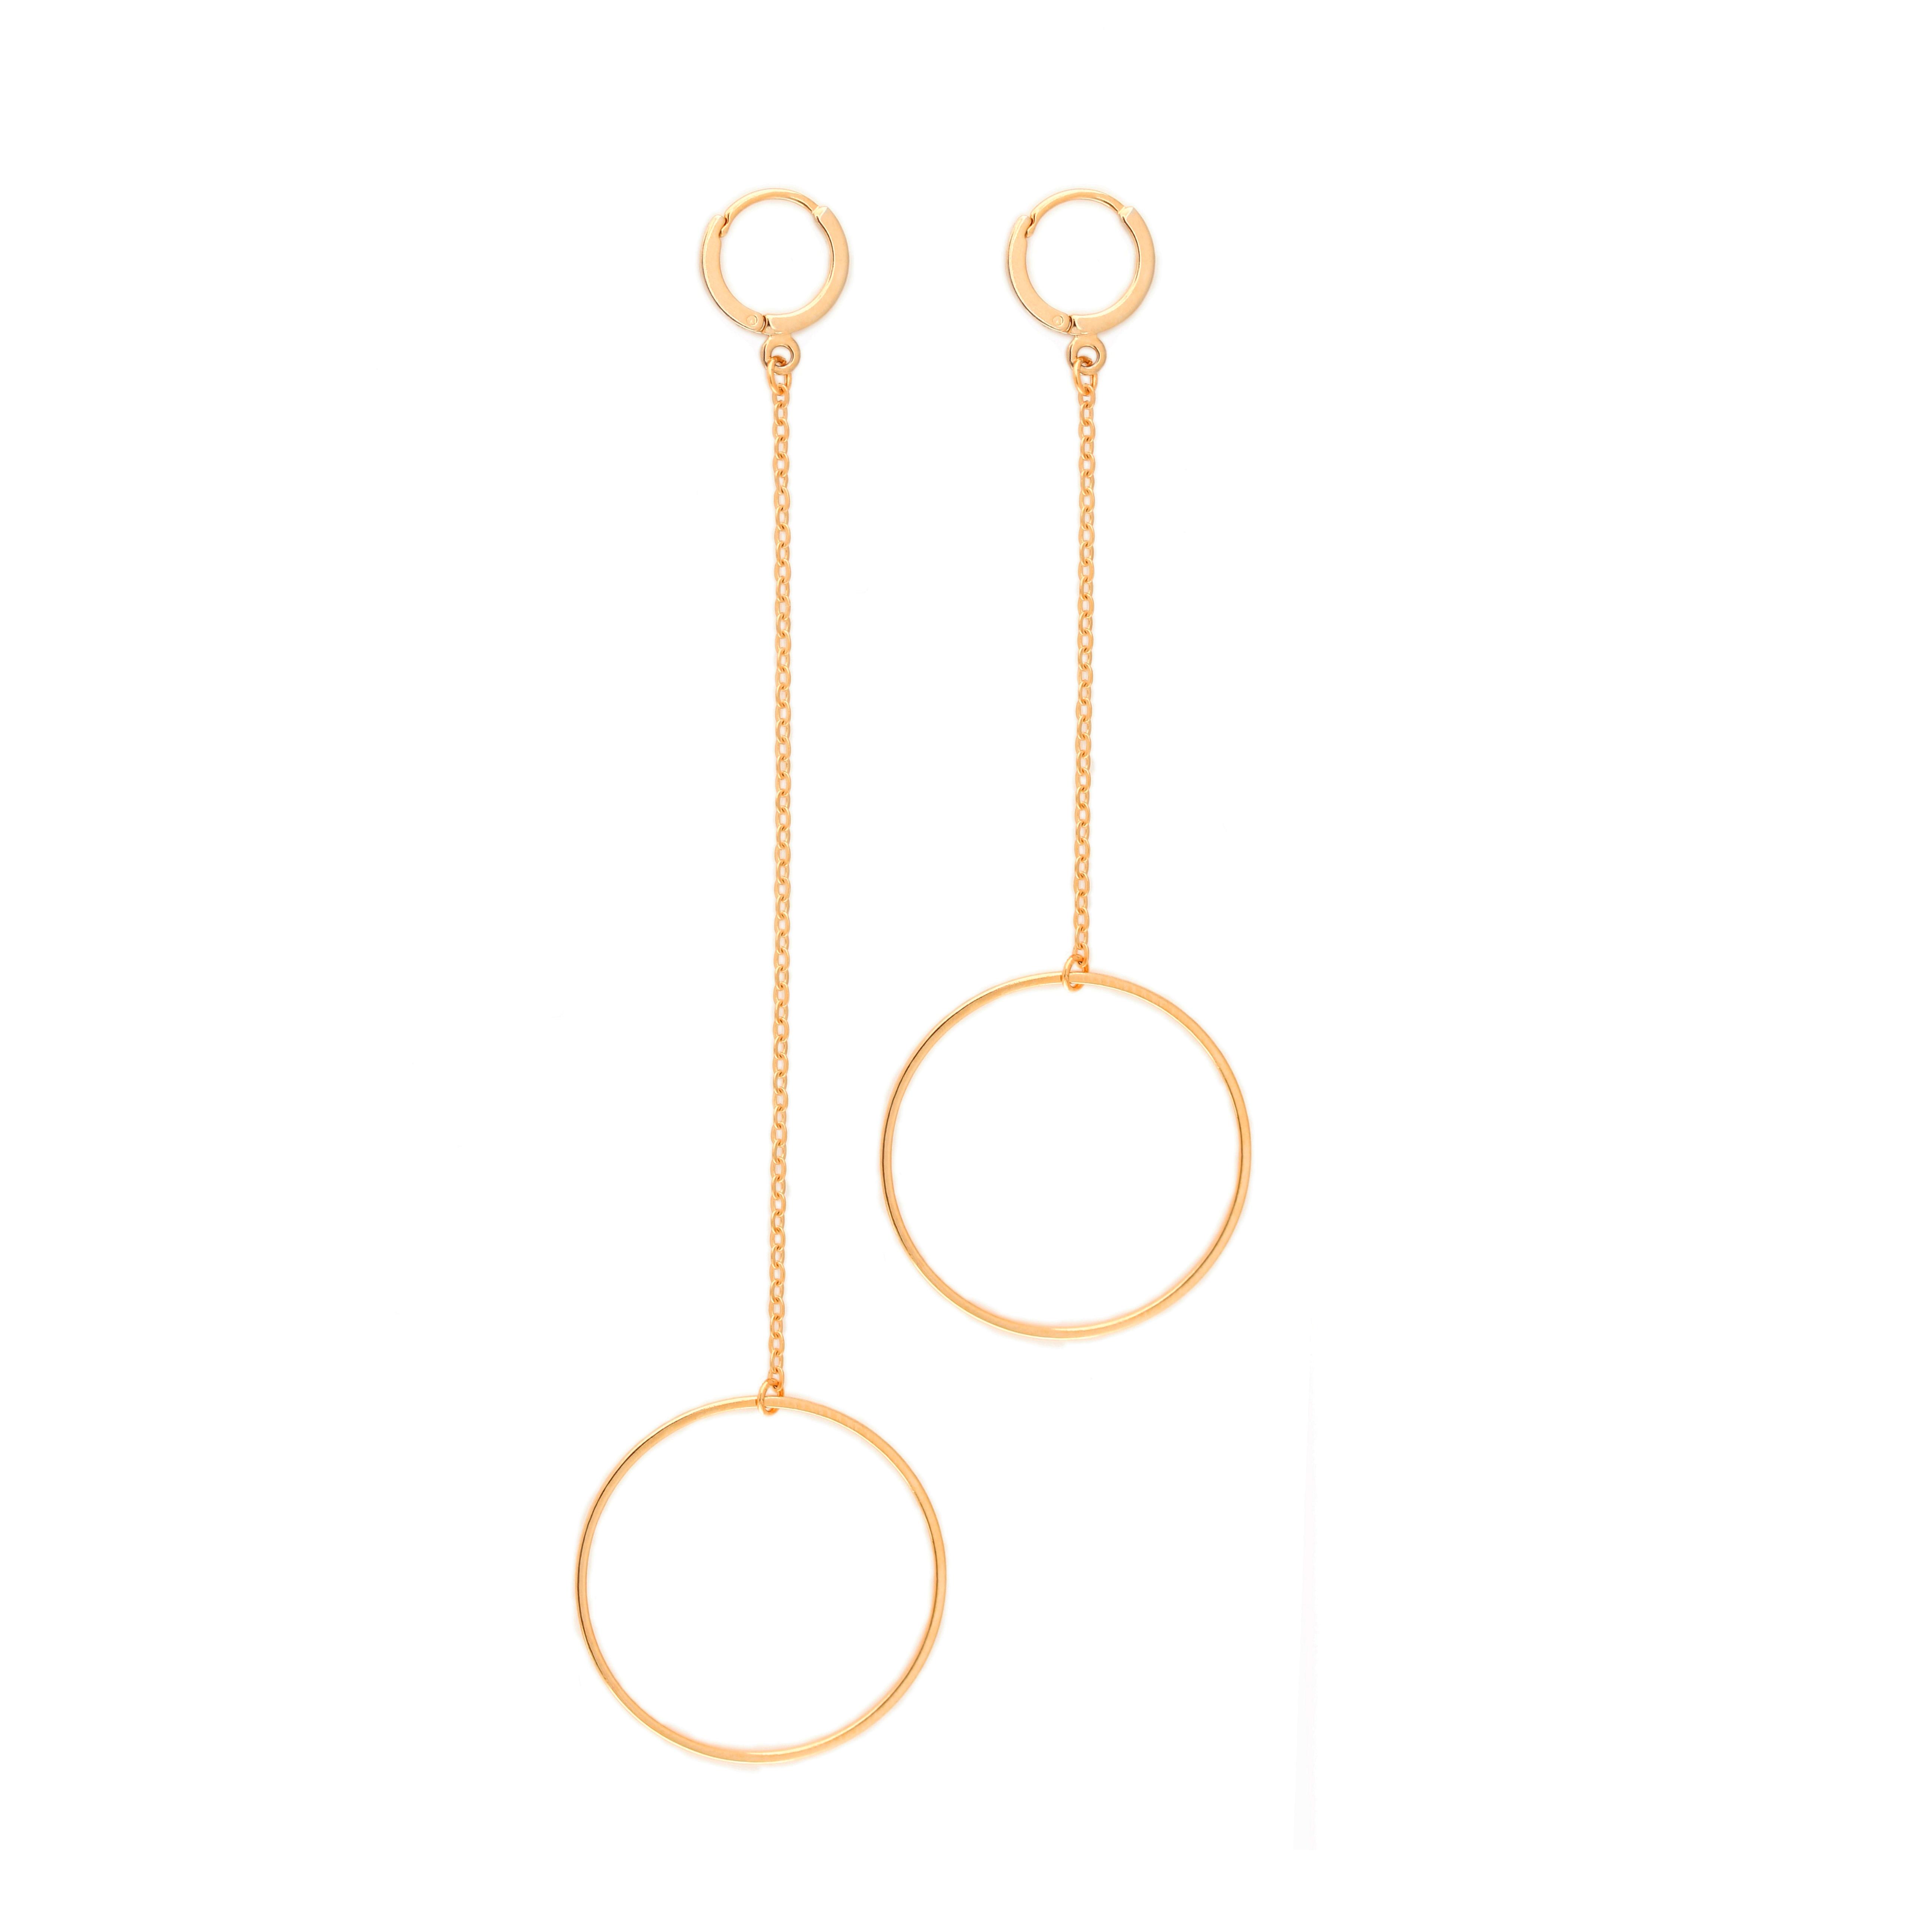 ohrringe gold 585 vergoldet madeleine issing. Black Bedroom Furniture Sets. Home Design Ideas